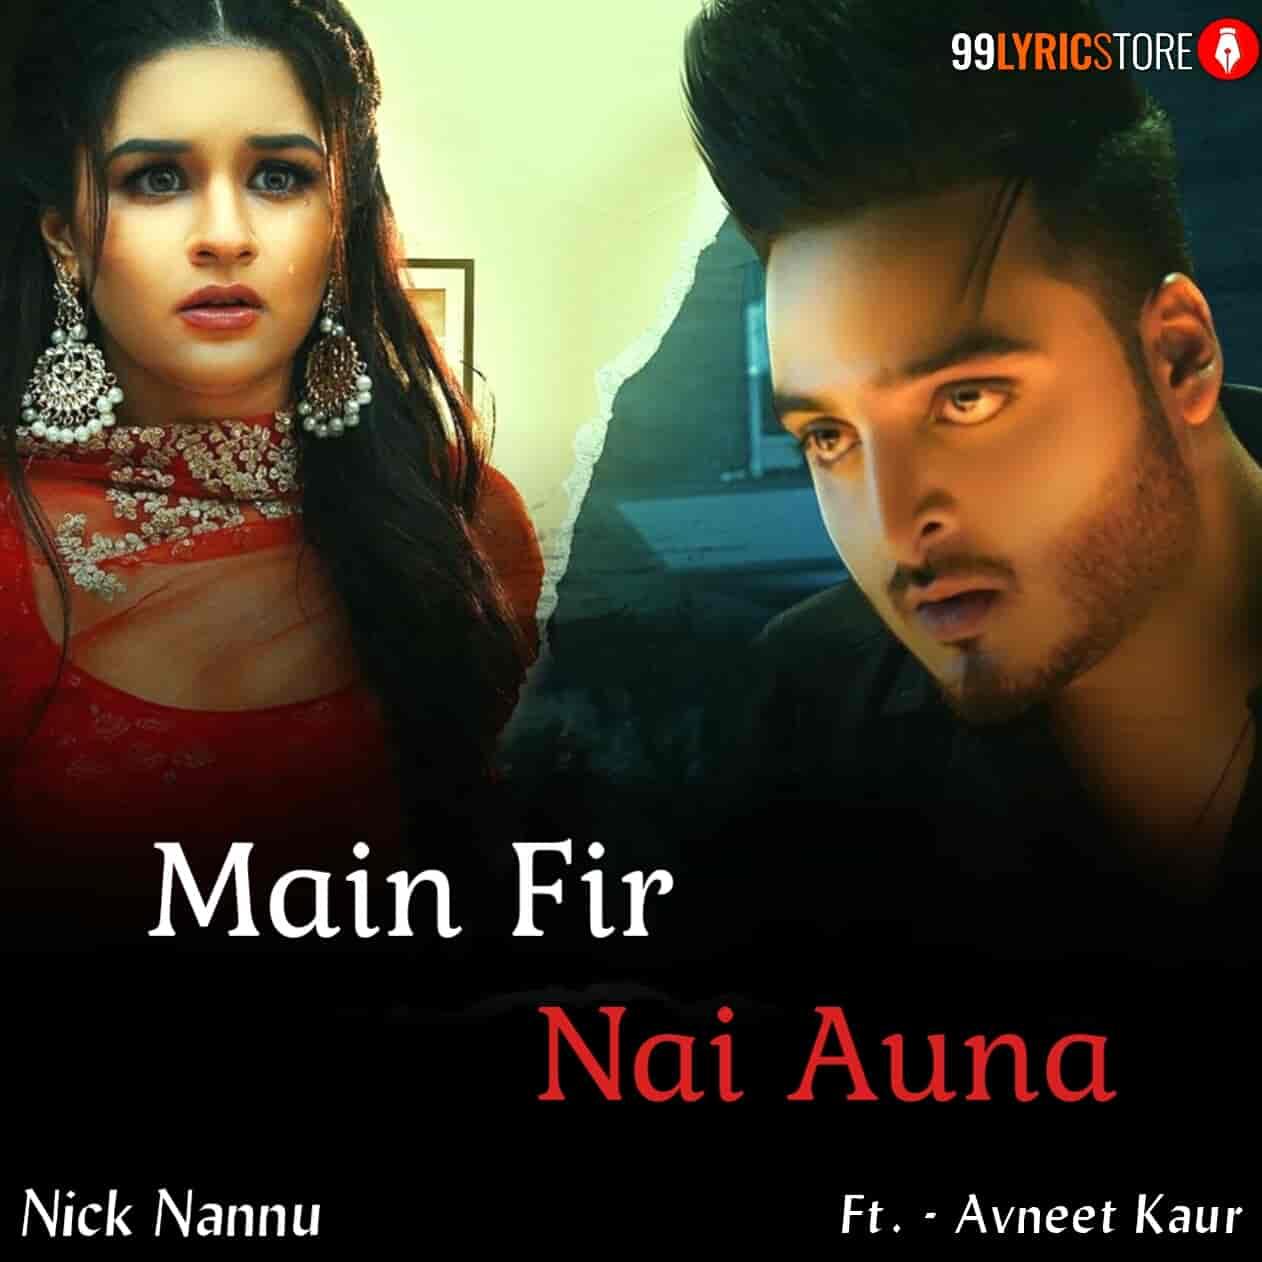 Main Fir Nai Auna Nick Nannu and Avneet Kaur Song Images